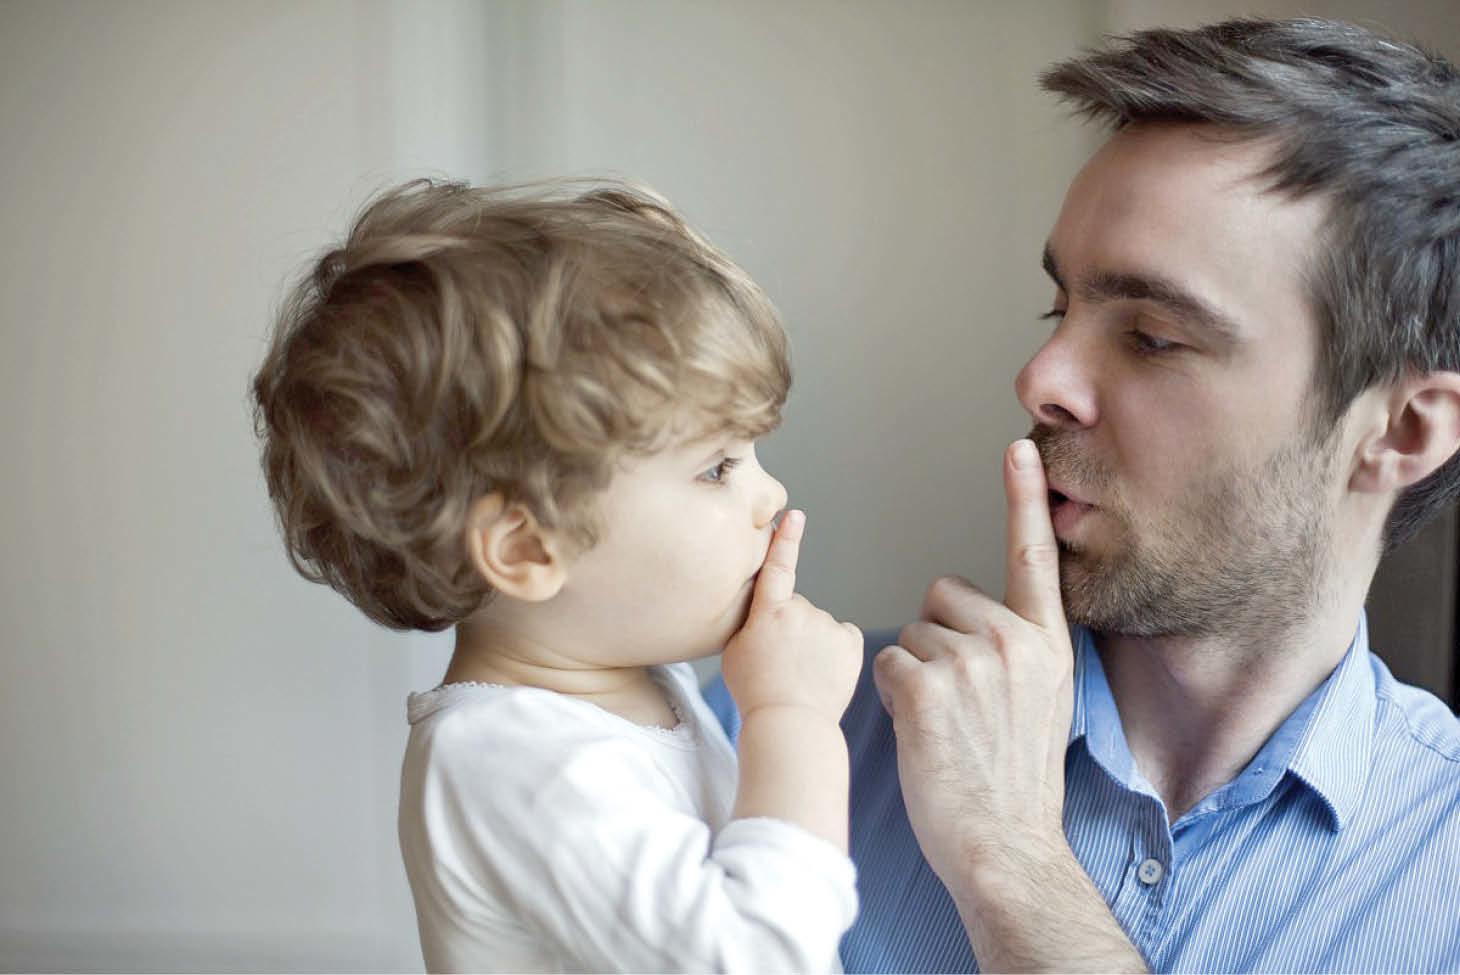 بددهانی کودکتان زیاد است؟ به فکر چاره باشید!